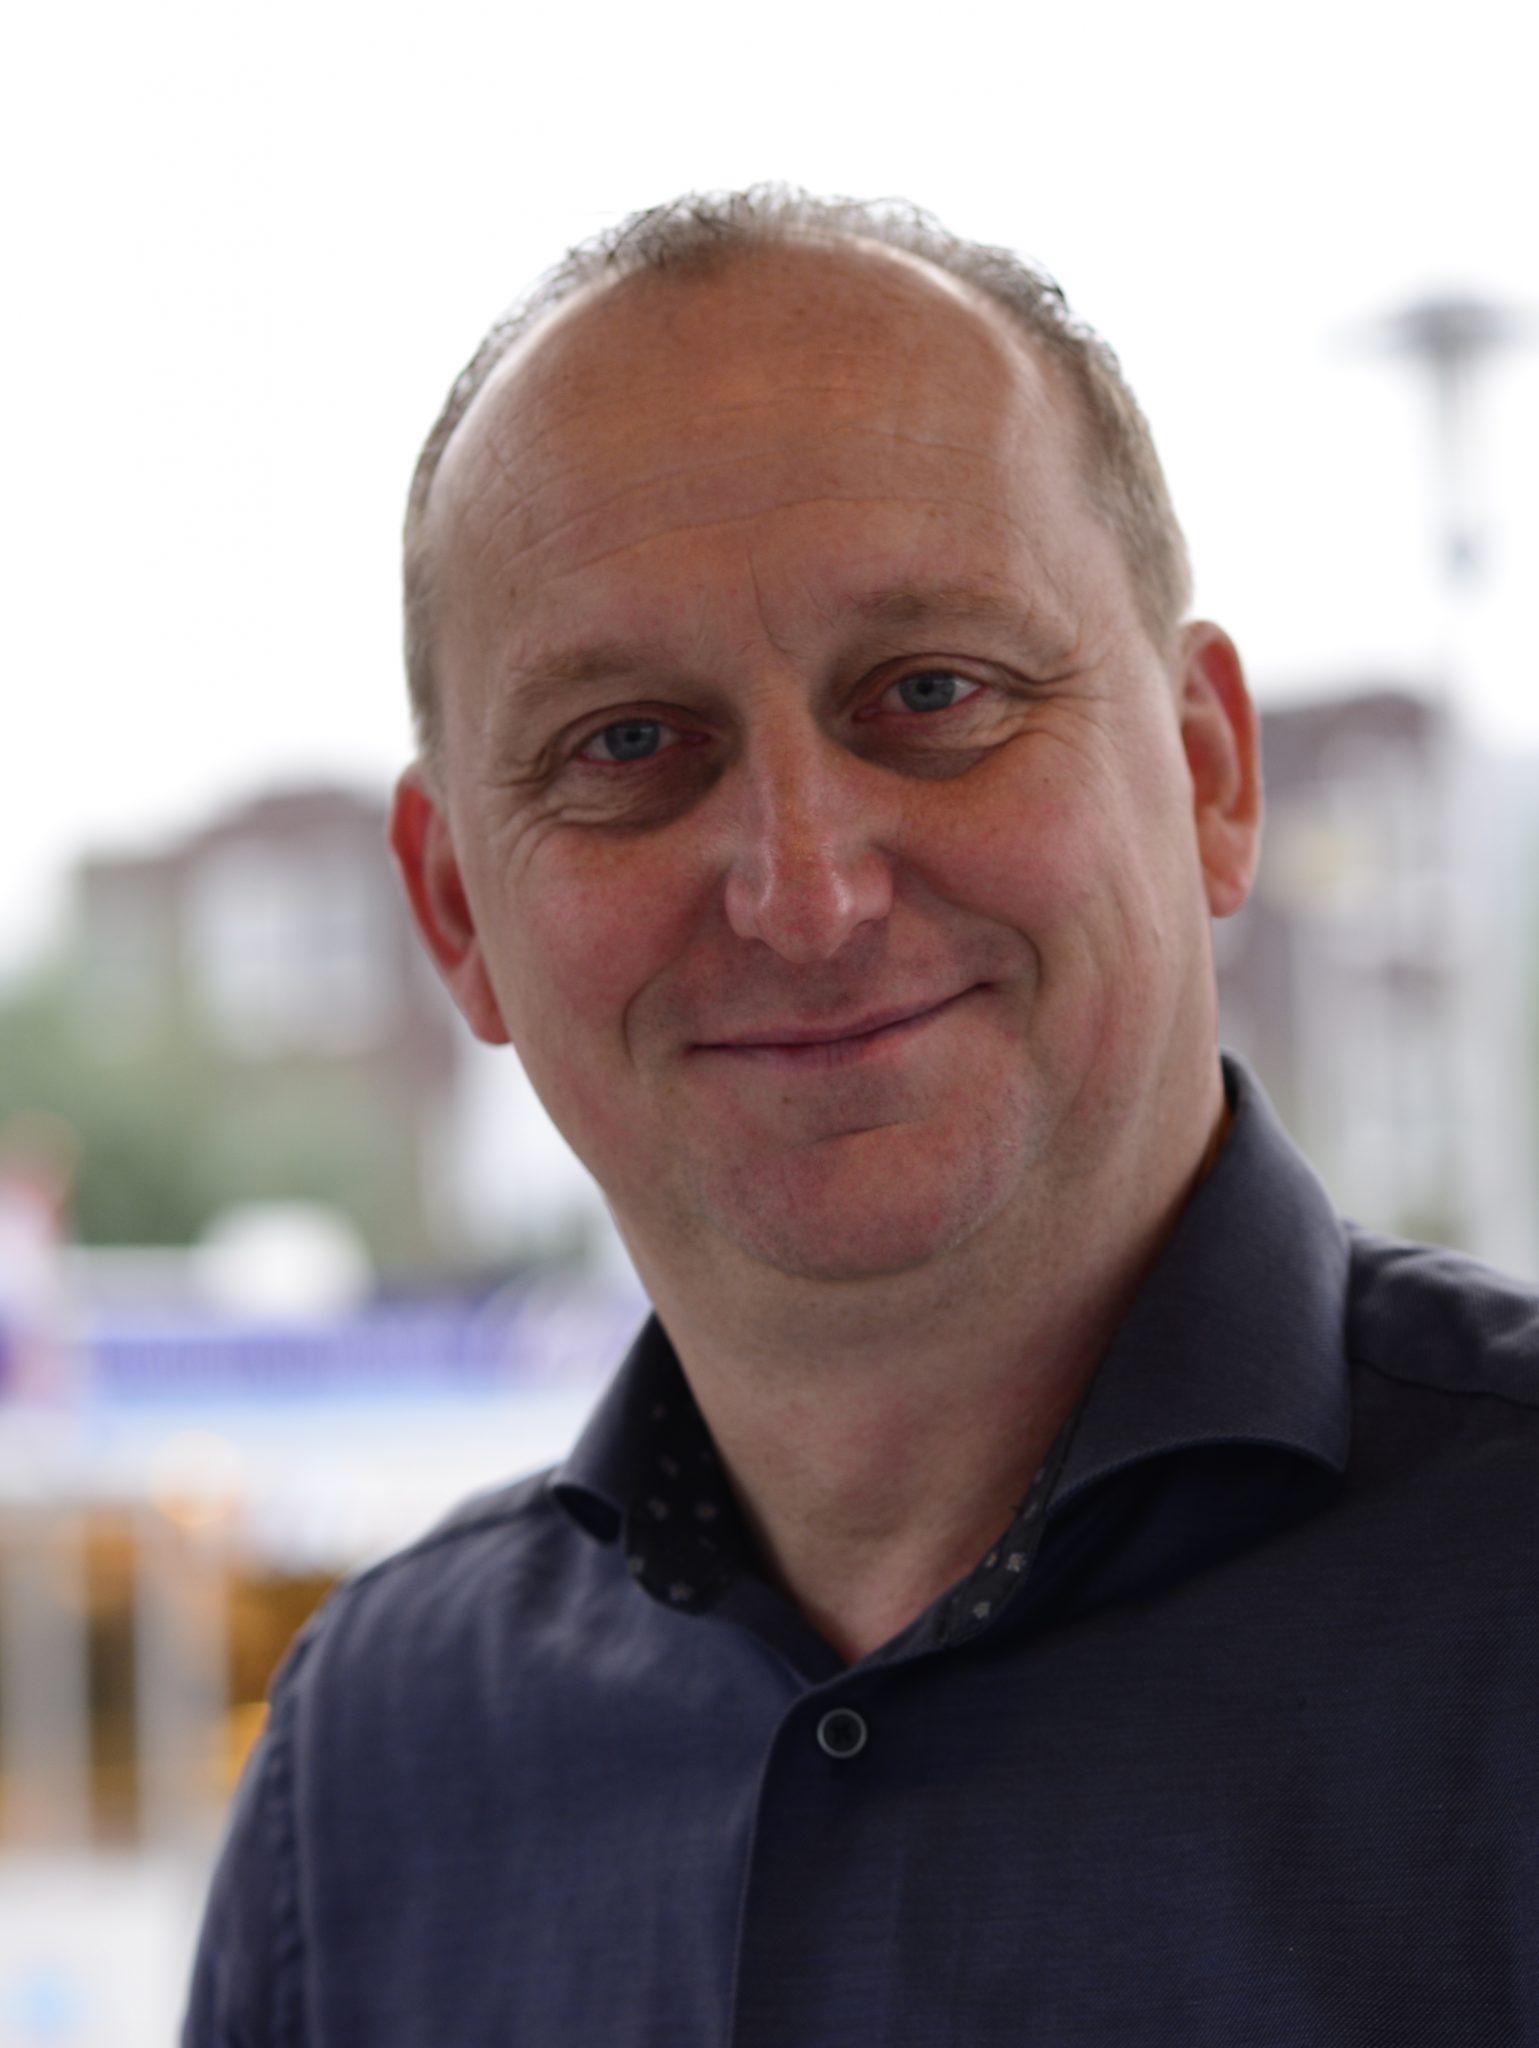 Erik van Rijn